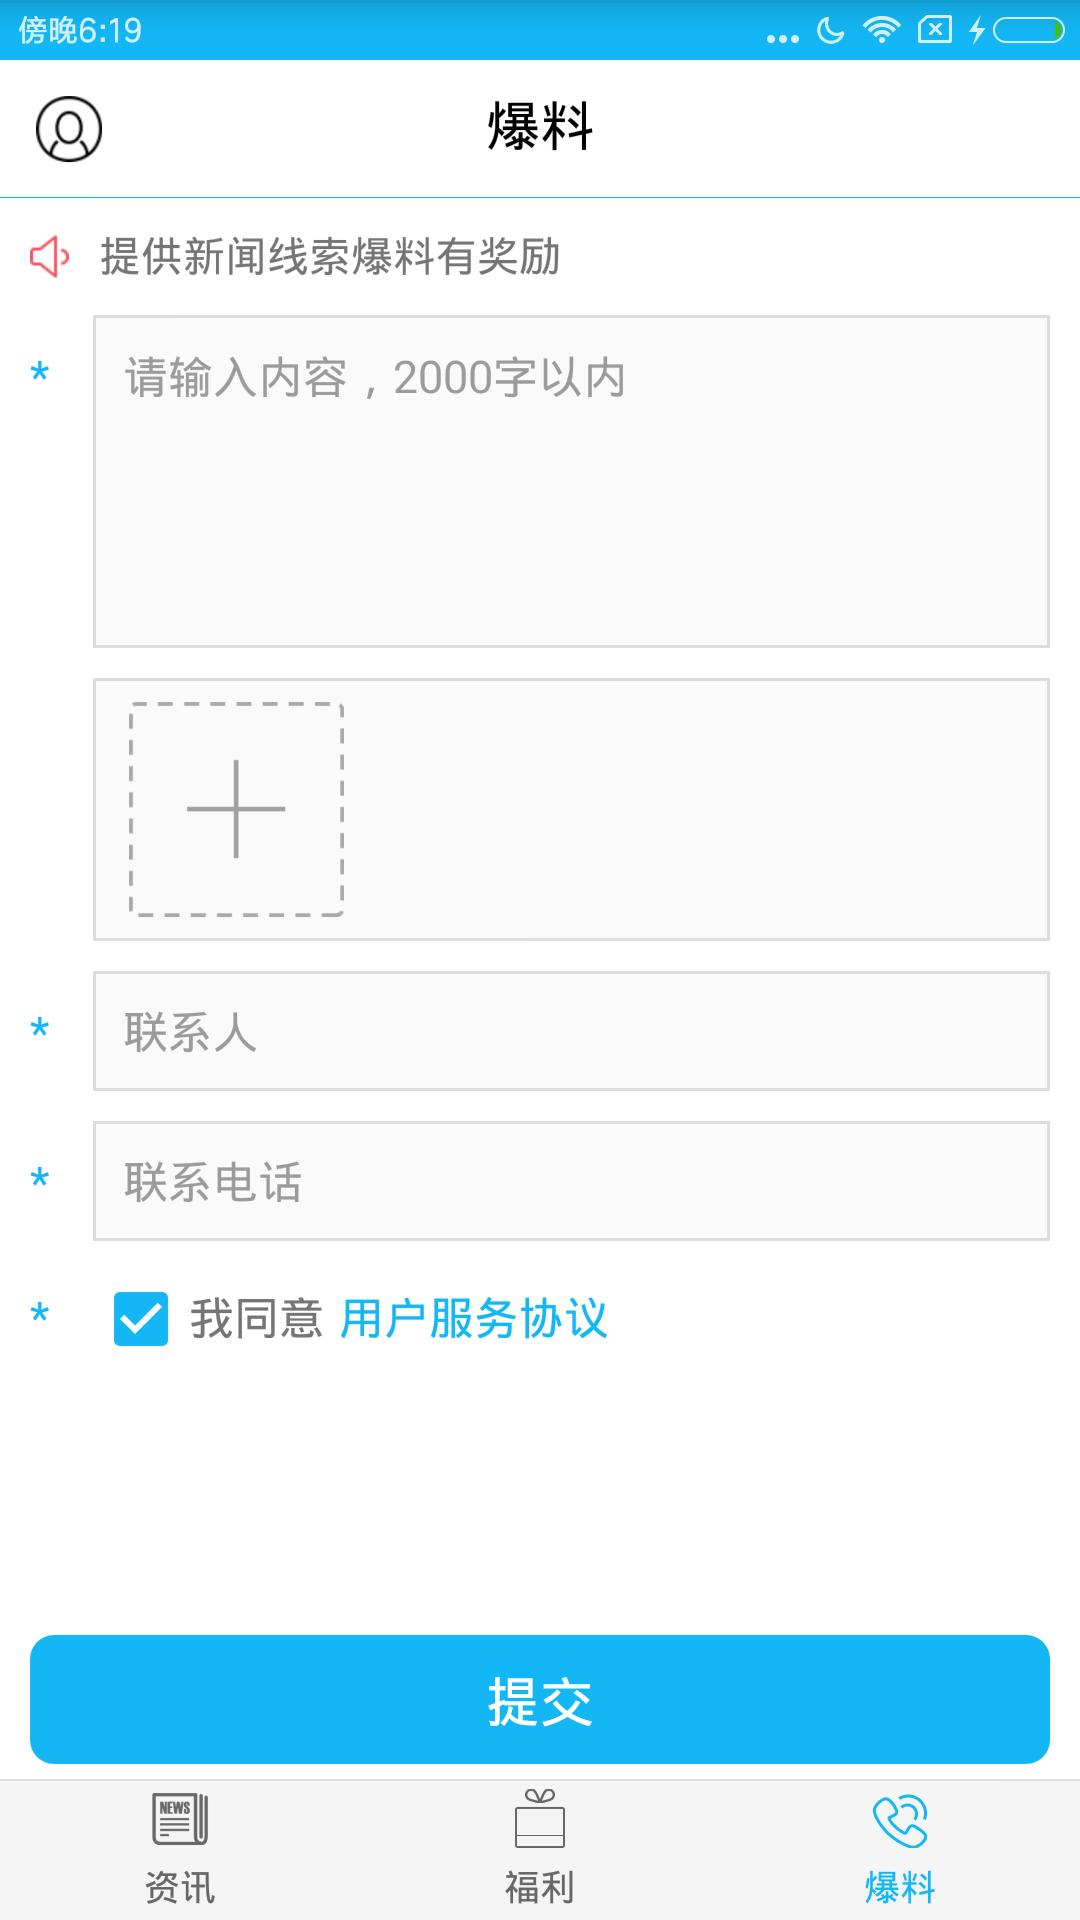 新疆头条 V4.0.3 安卓版截图3